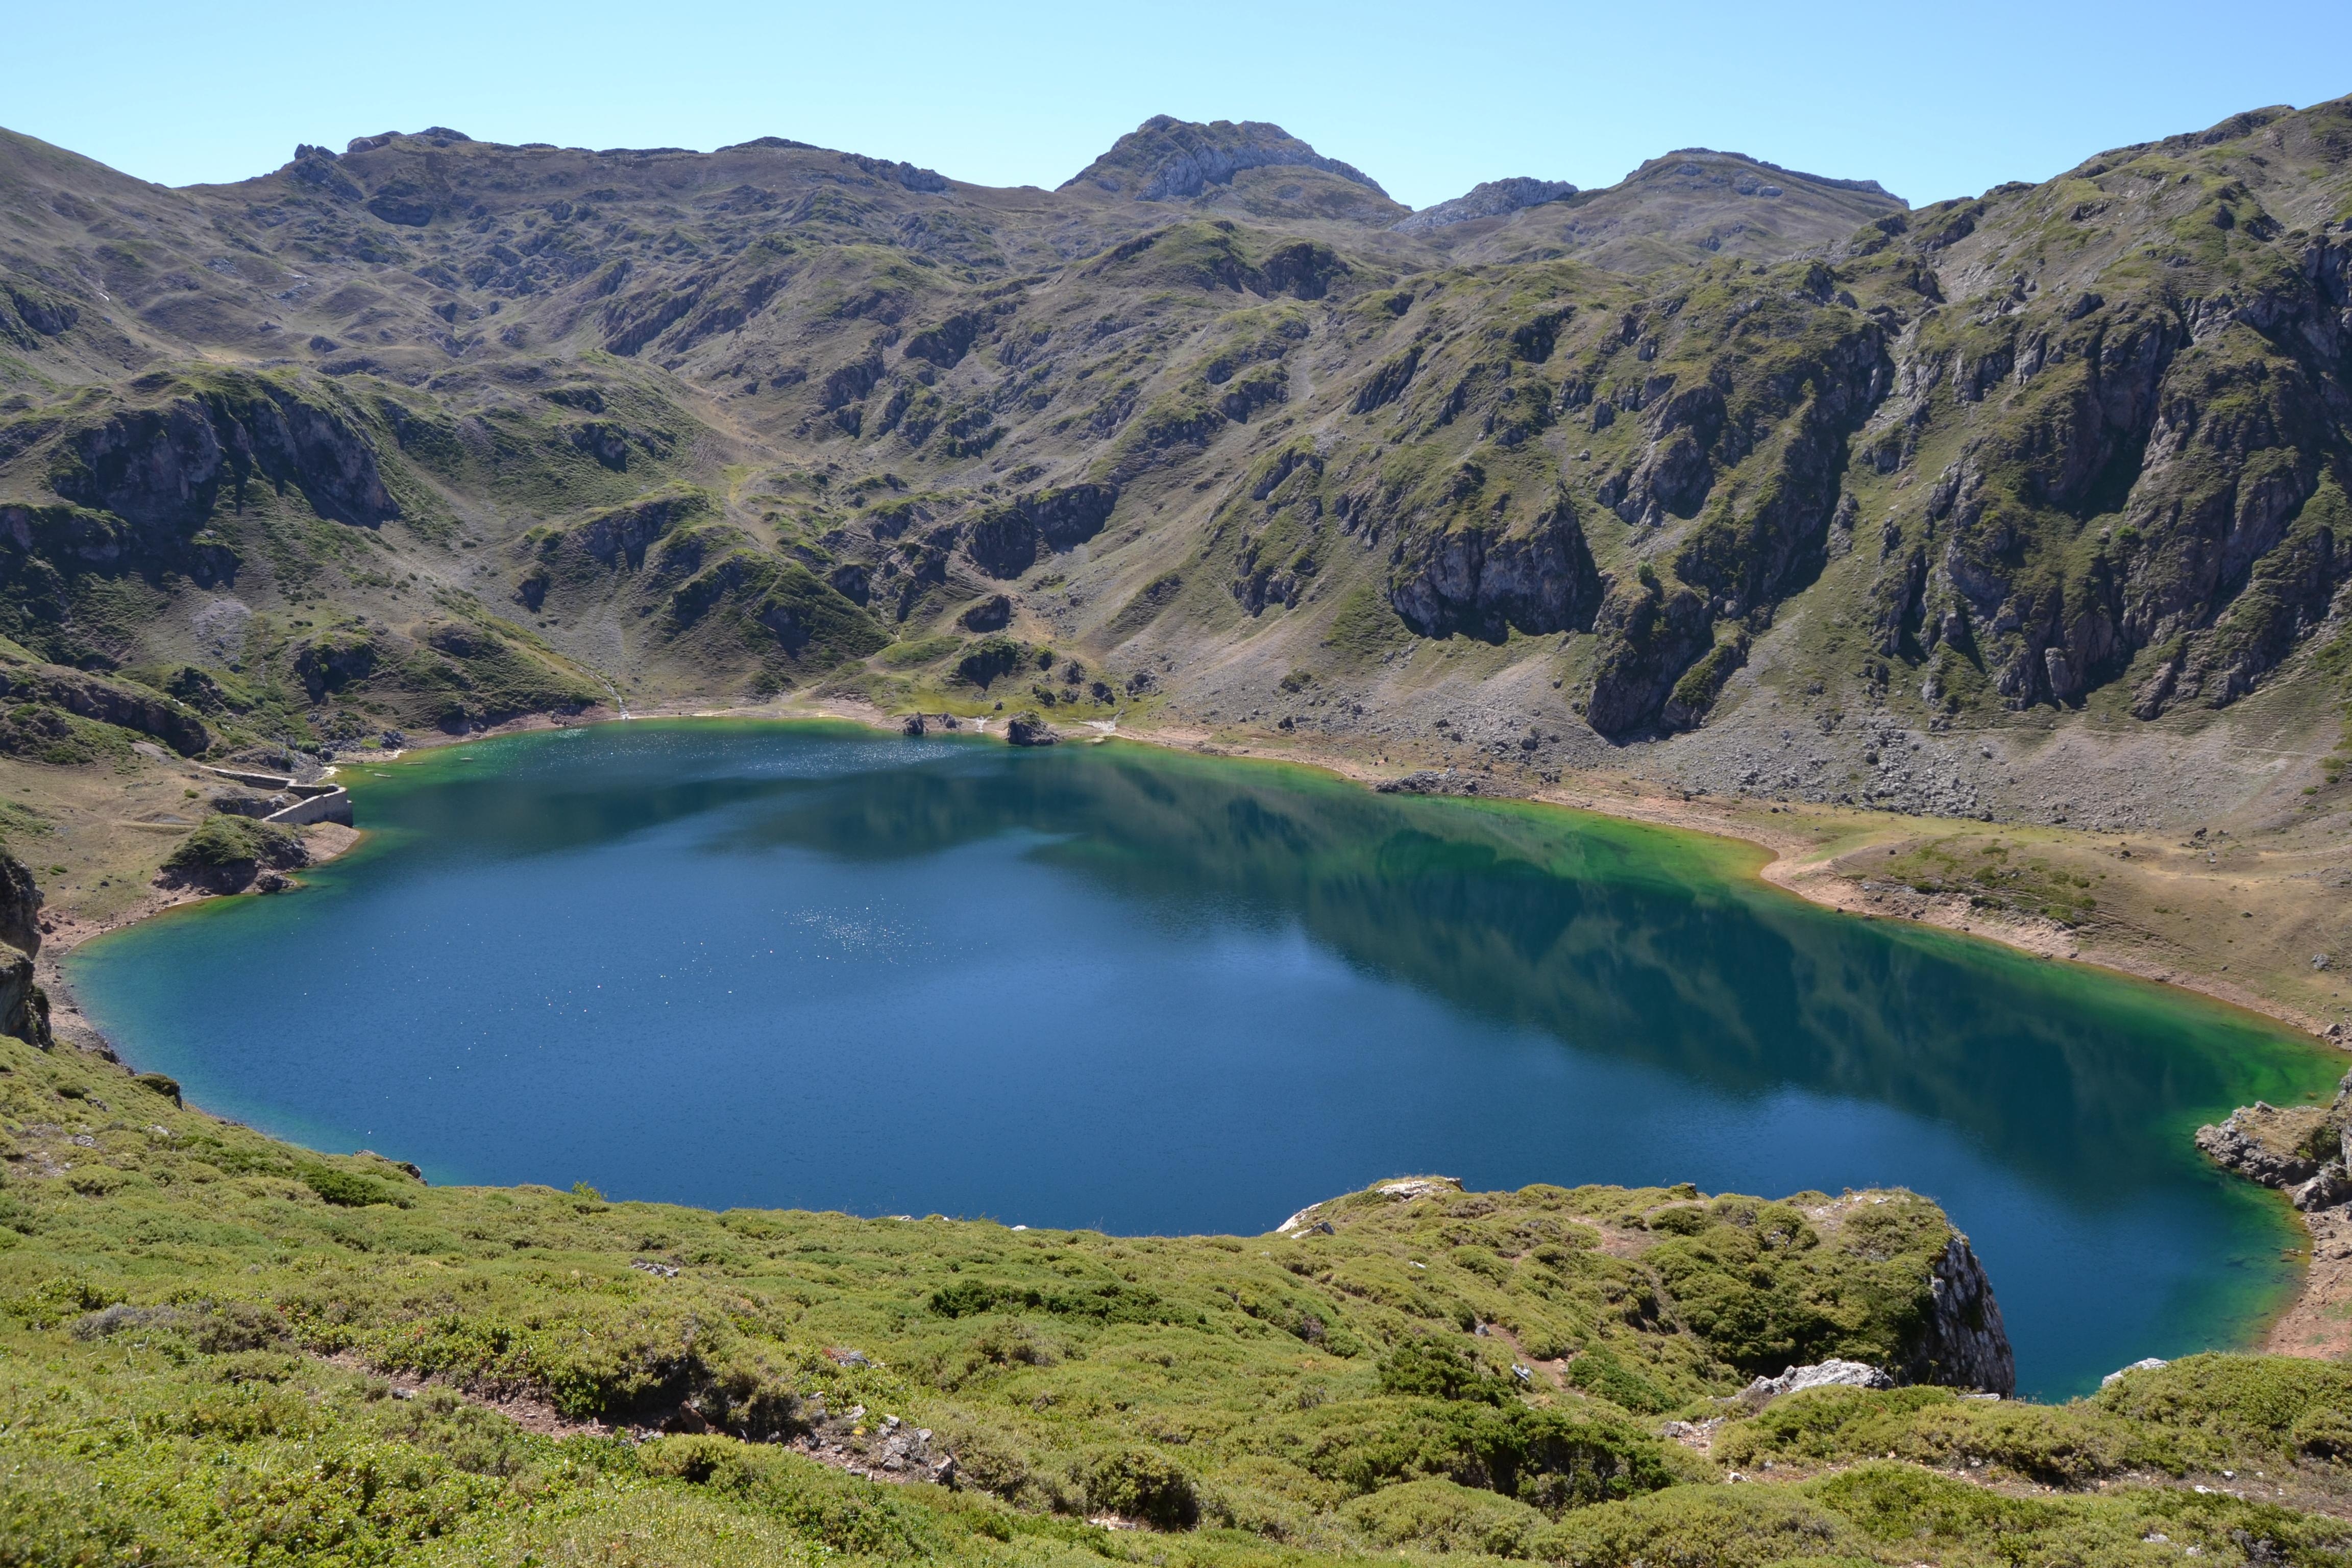 ¿Por qué existen los lagos de Saliencia?